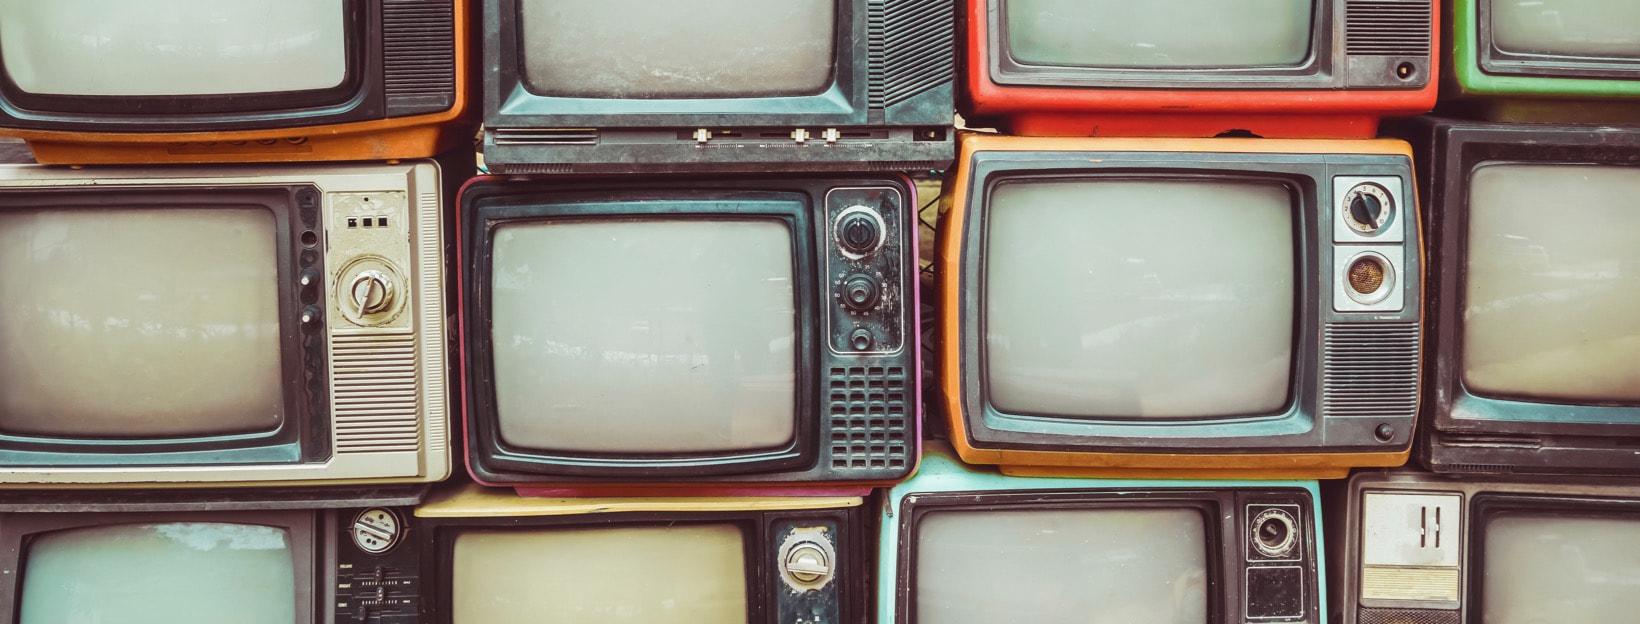 Gestapelte Retro-Fernseher